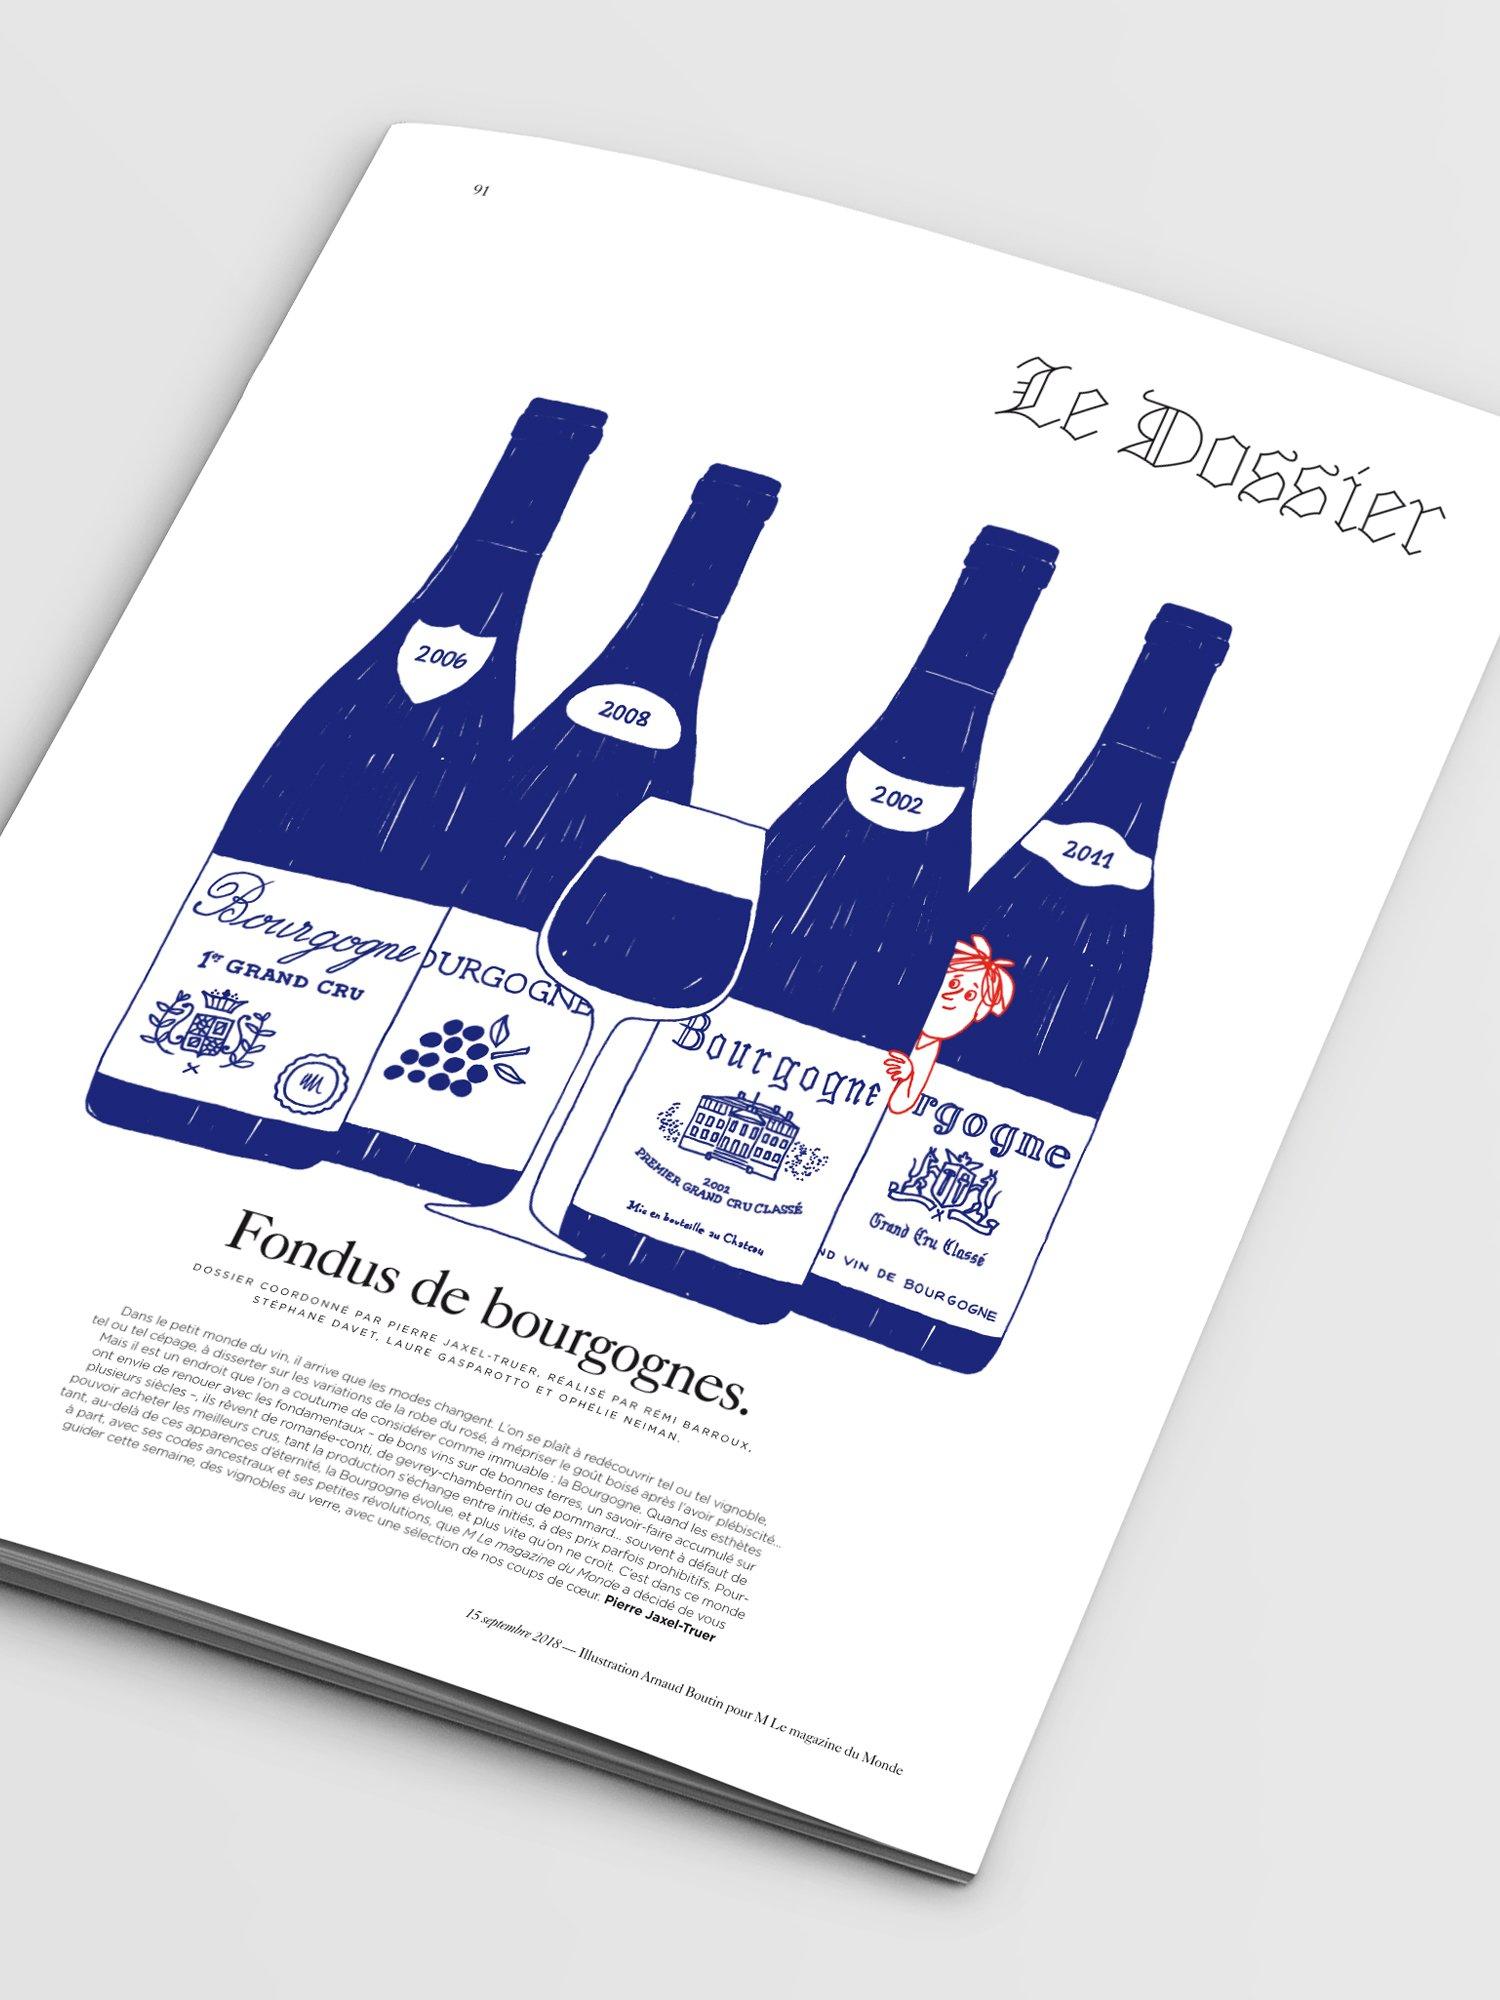 M Le Monde,aurelie bert,presse,graphisme,dossier bourgogne